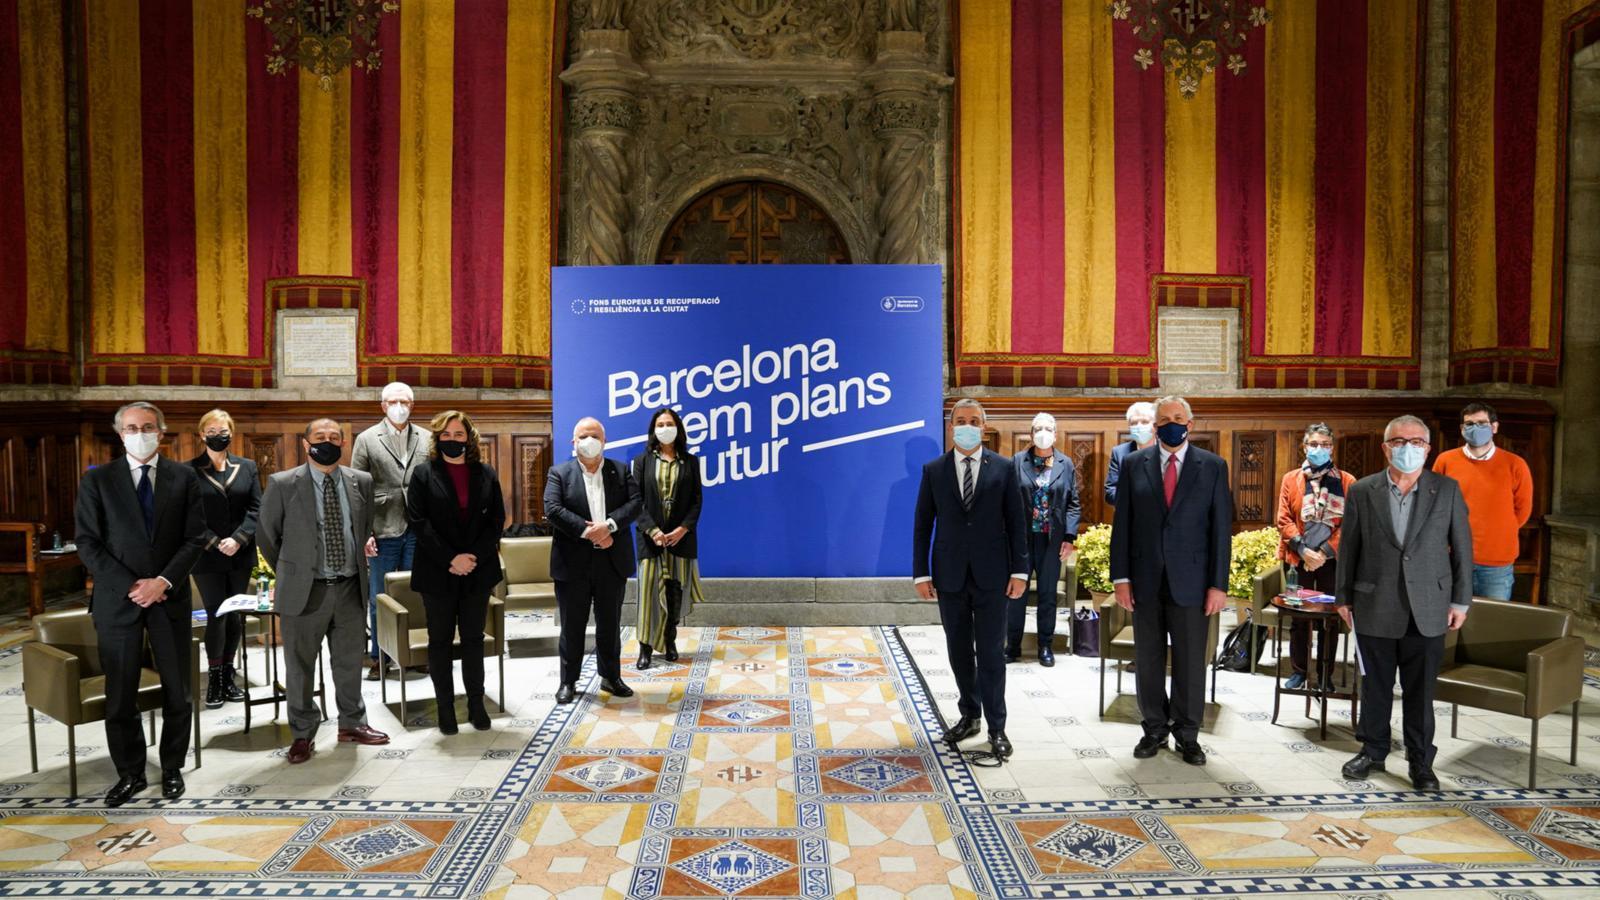 Presentació de l'estratègia per optar als fons europeus en un acte solemne al Saló de Cent de l'Ajuntament de Barcelpna